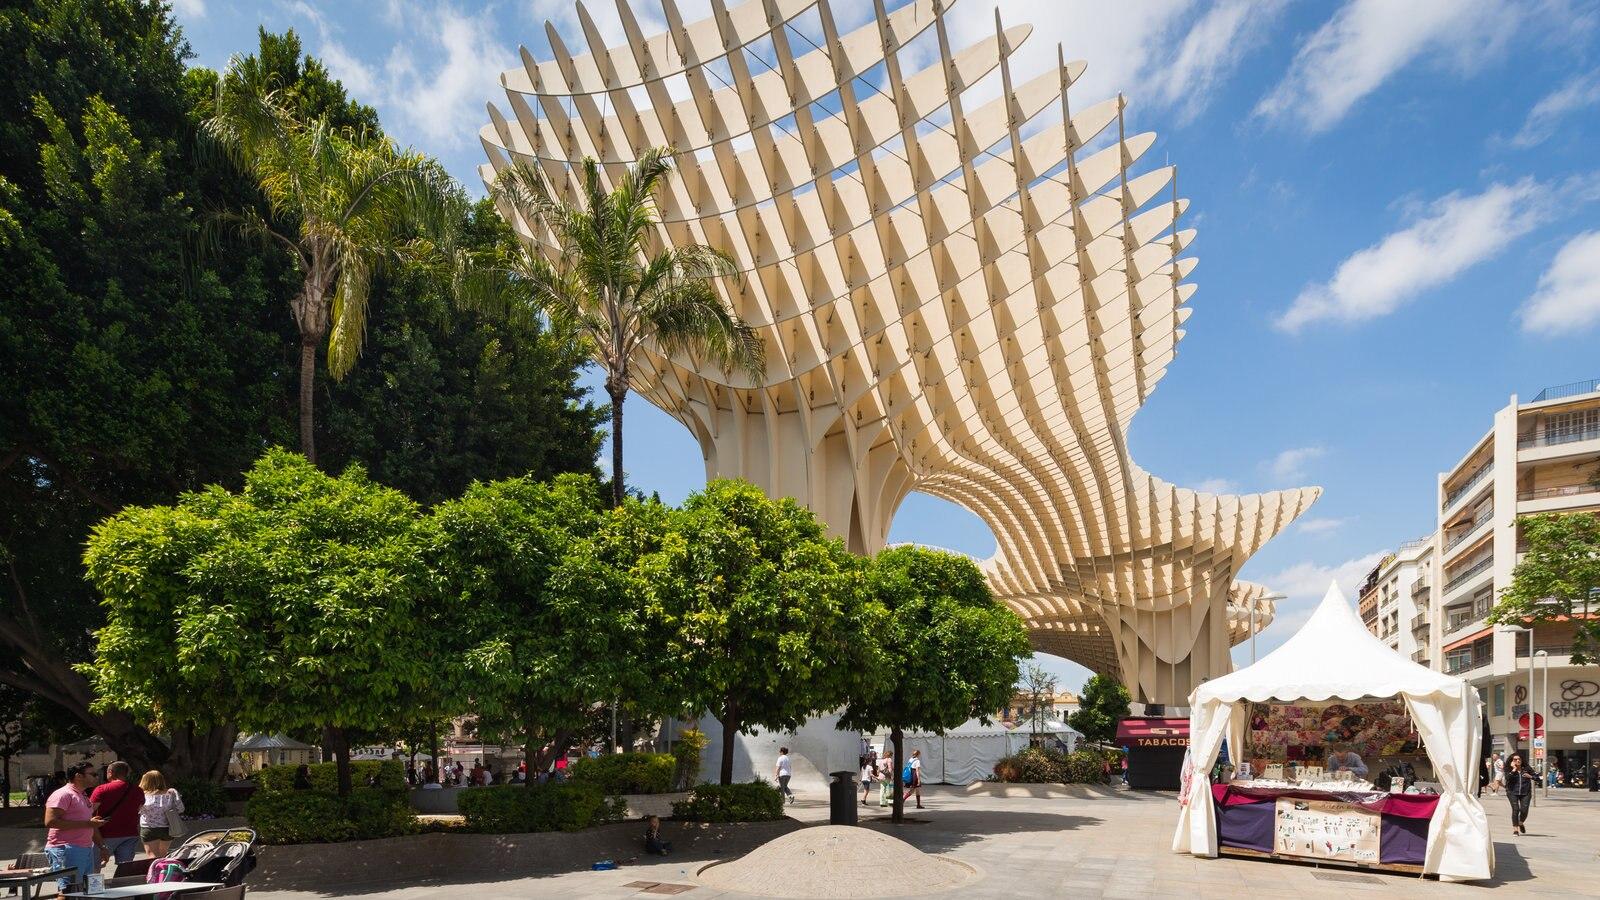 Metropol Parasol que incluye arte al aire libre y arquitectura moderna